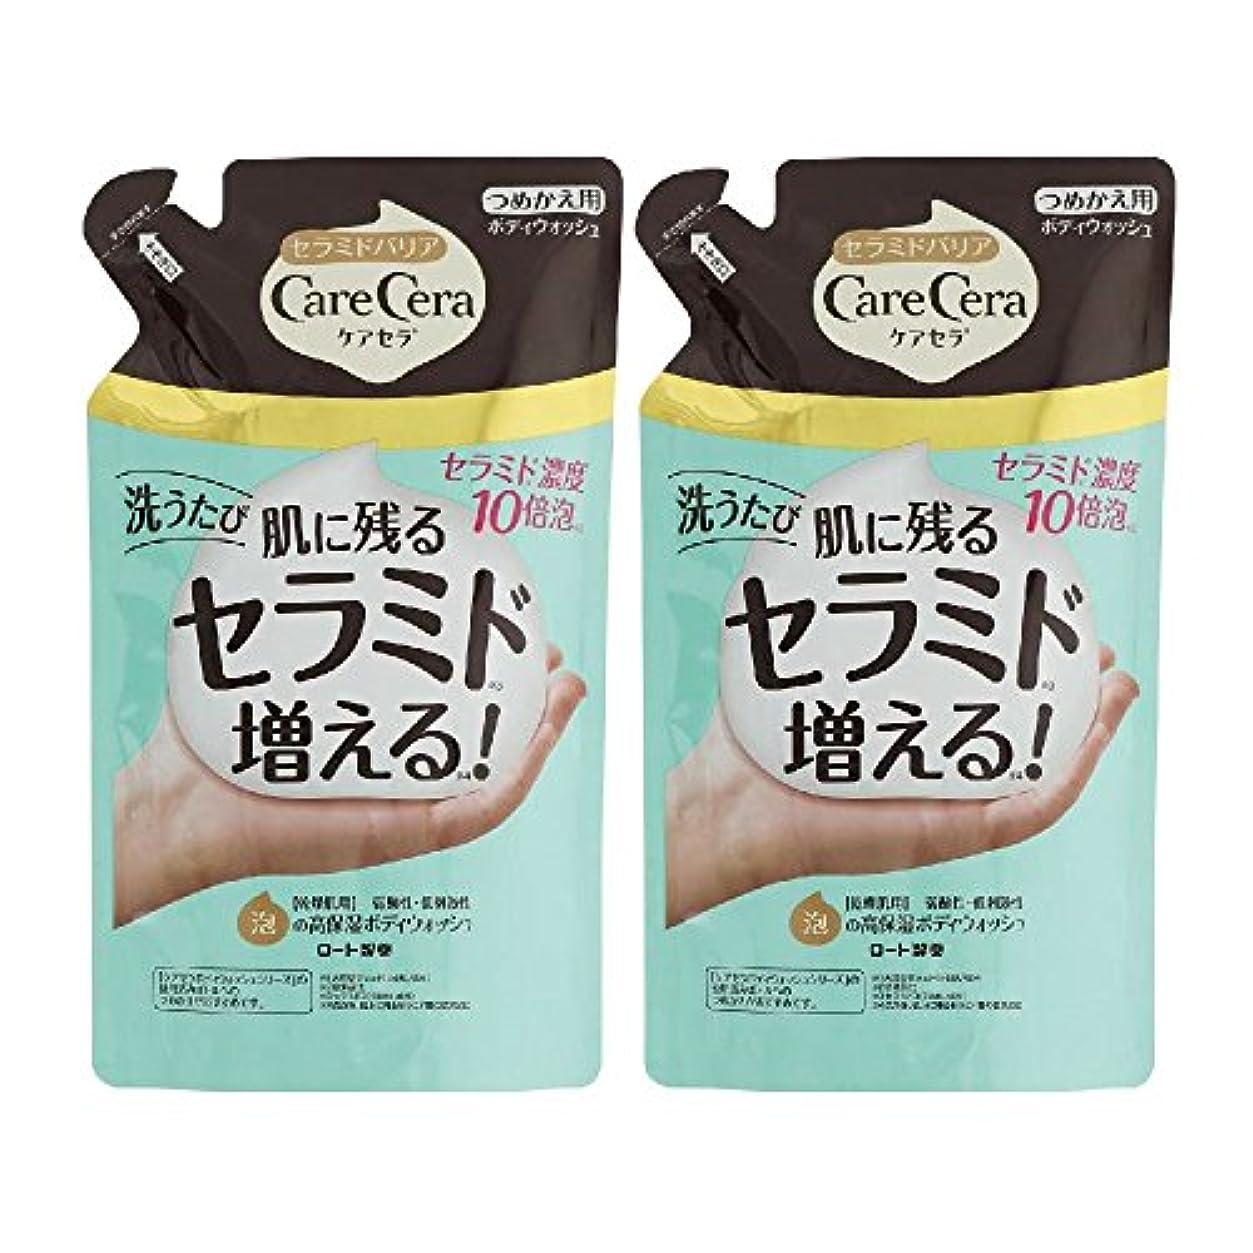 世界的に足音コショウケアセラ (CareCera) 泡の高保湿 ボディウォッシュ ピュアフローラルの香り (つめかえ用) 350mL×2個 ※セバメドモイスチャーローション10mlサンプル付き